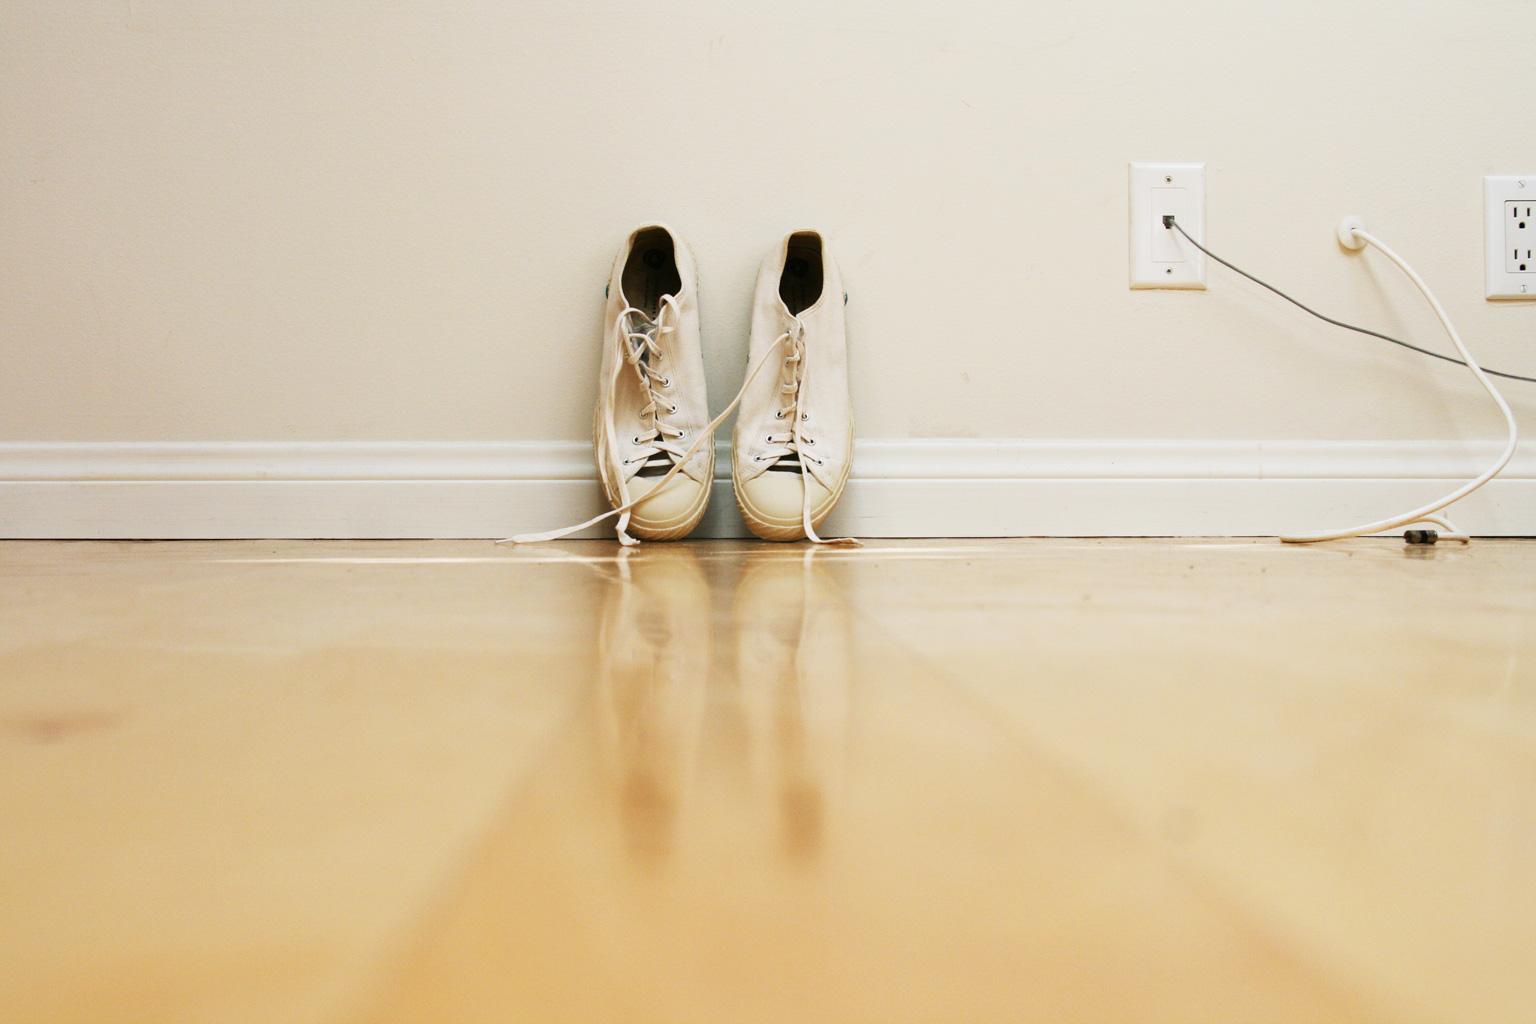 shoes_9172